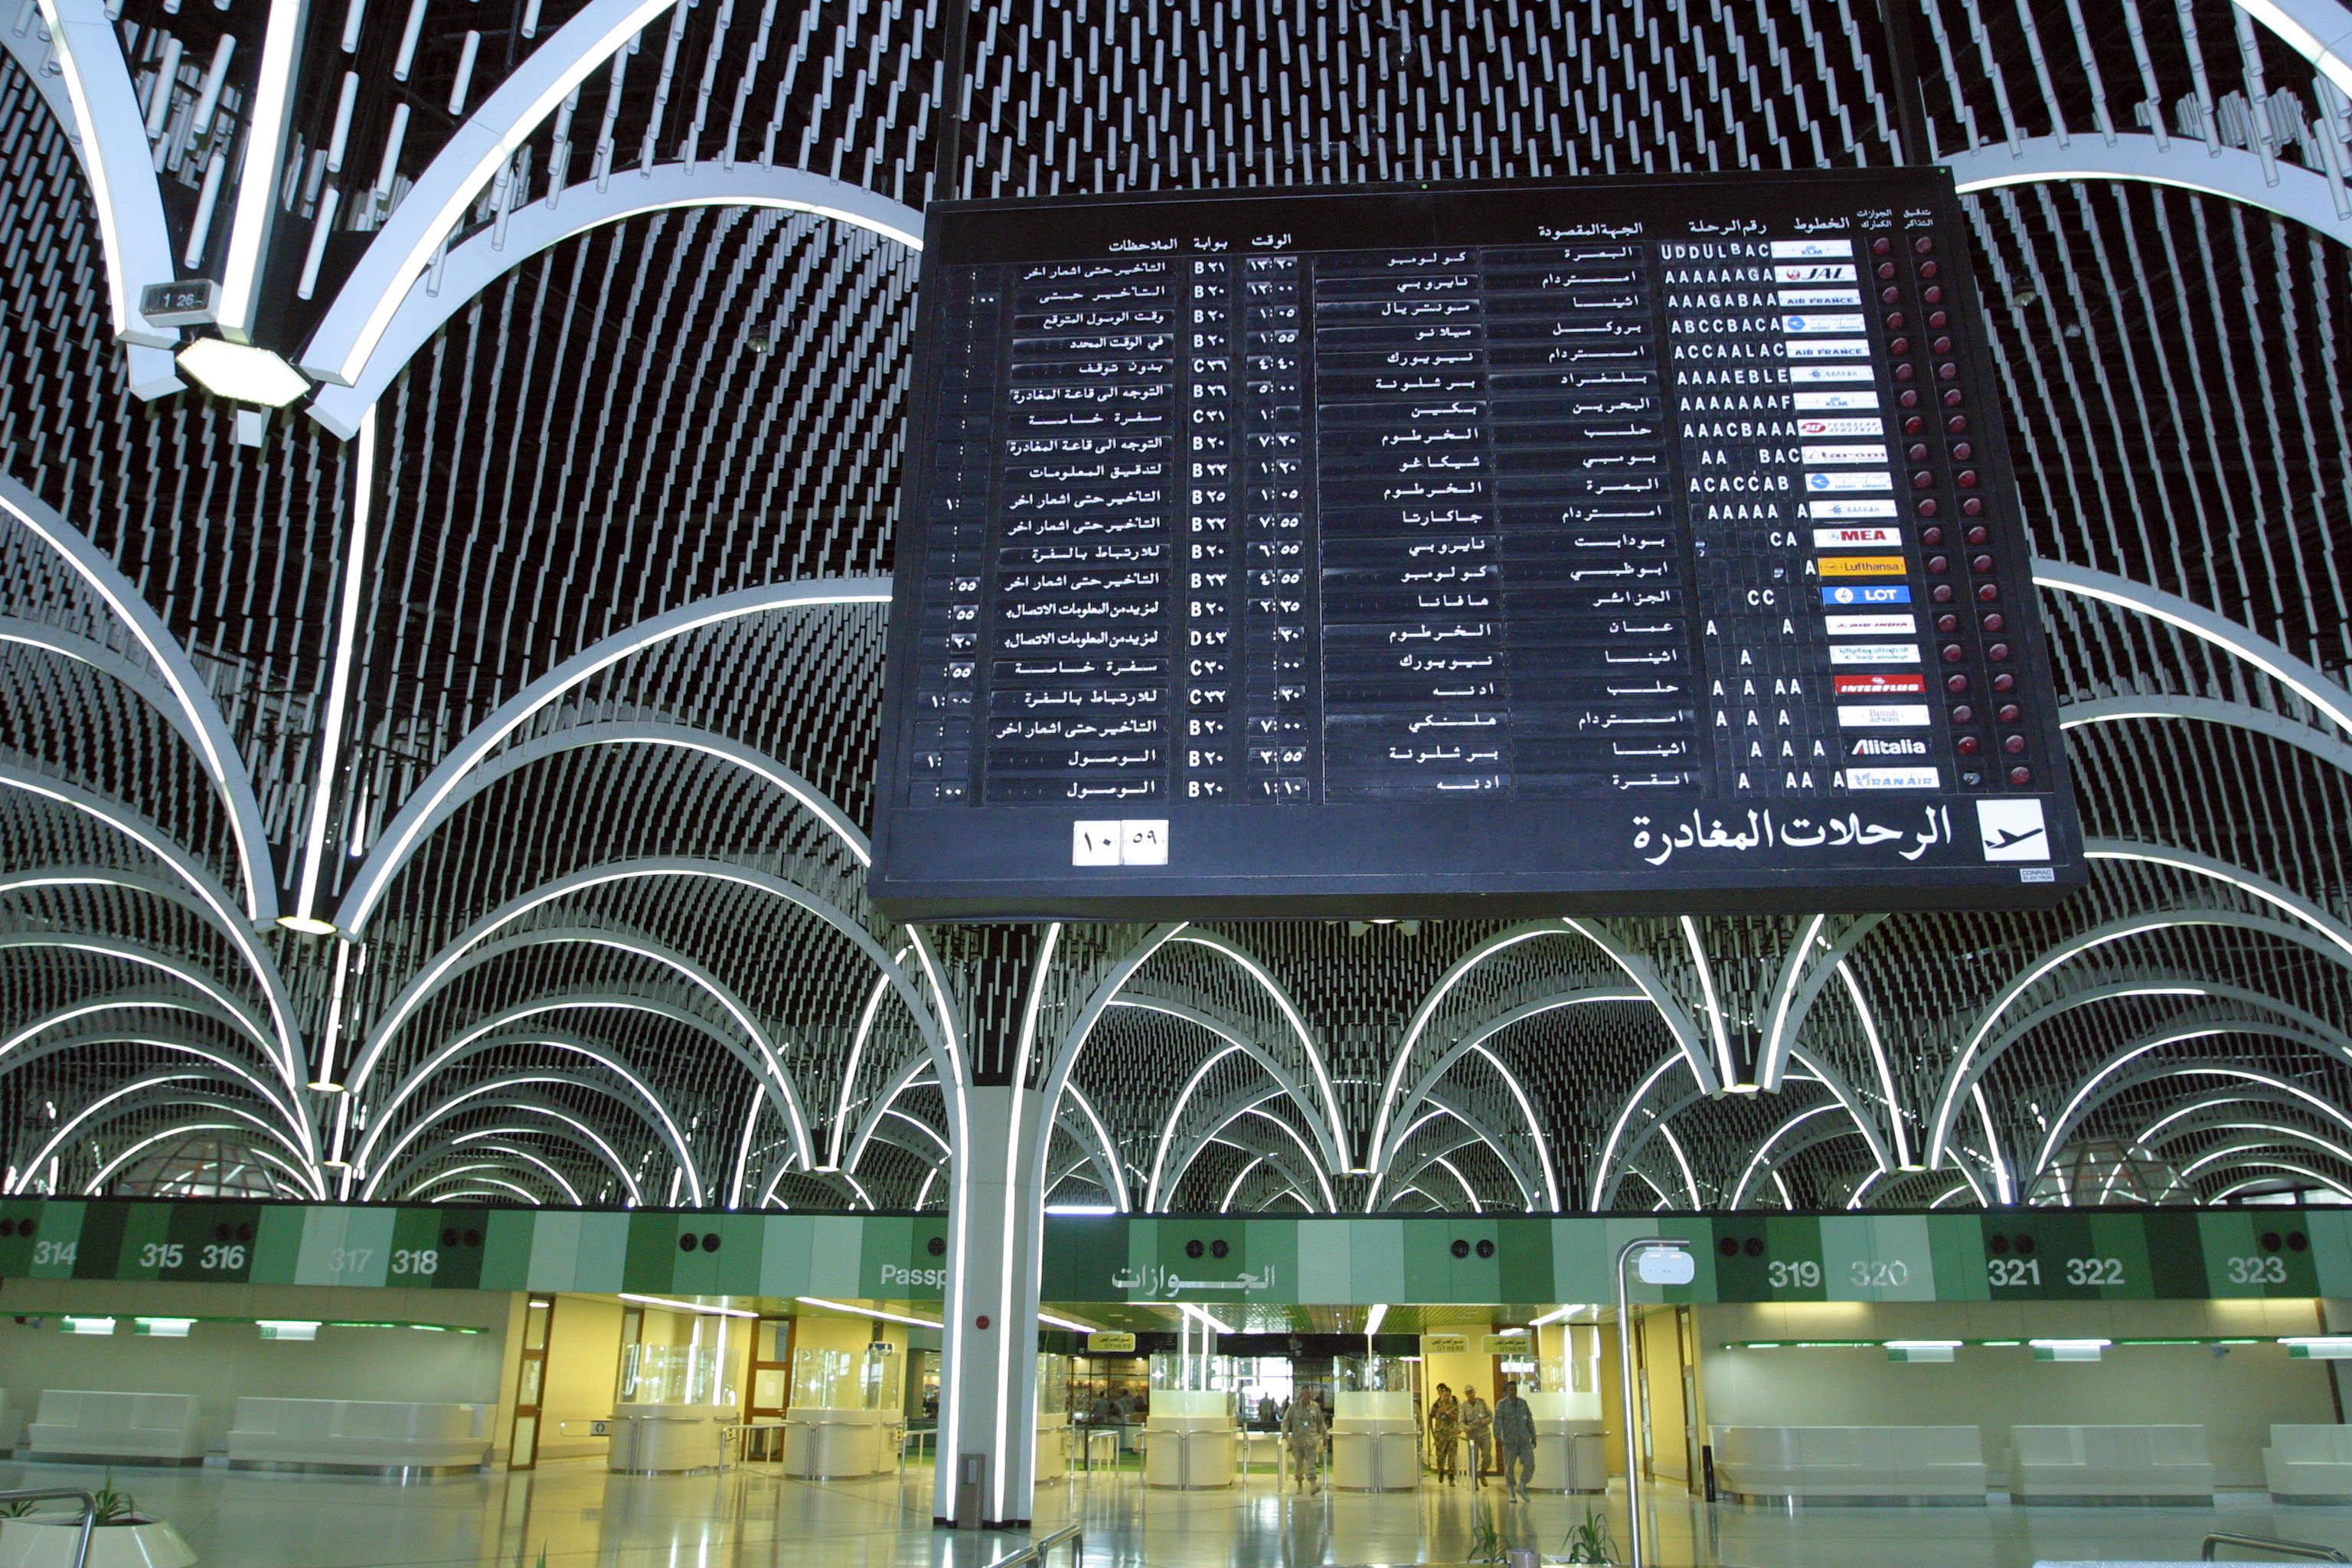 التعريف بالعراق كبلد سياحي المعلومات Baghdad_International_Airport_(October_2003).jpg